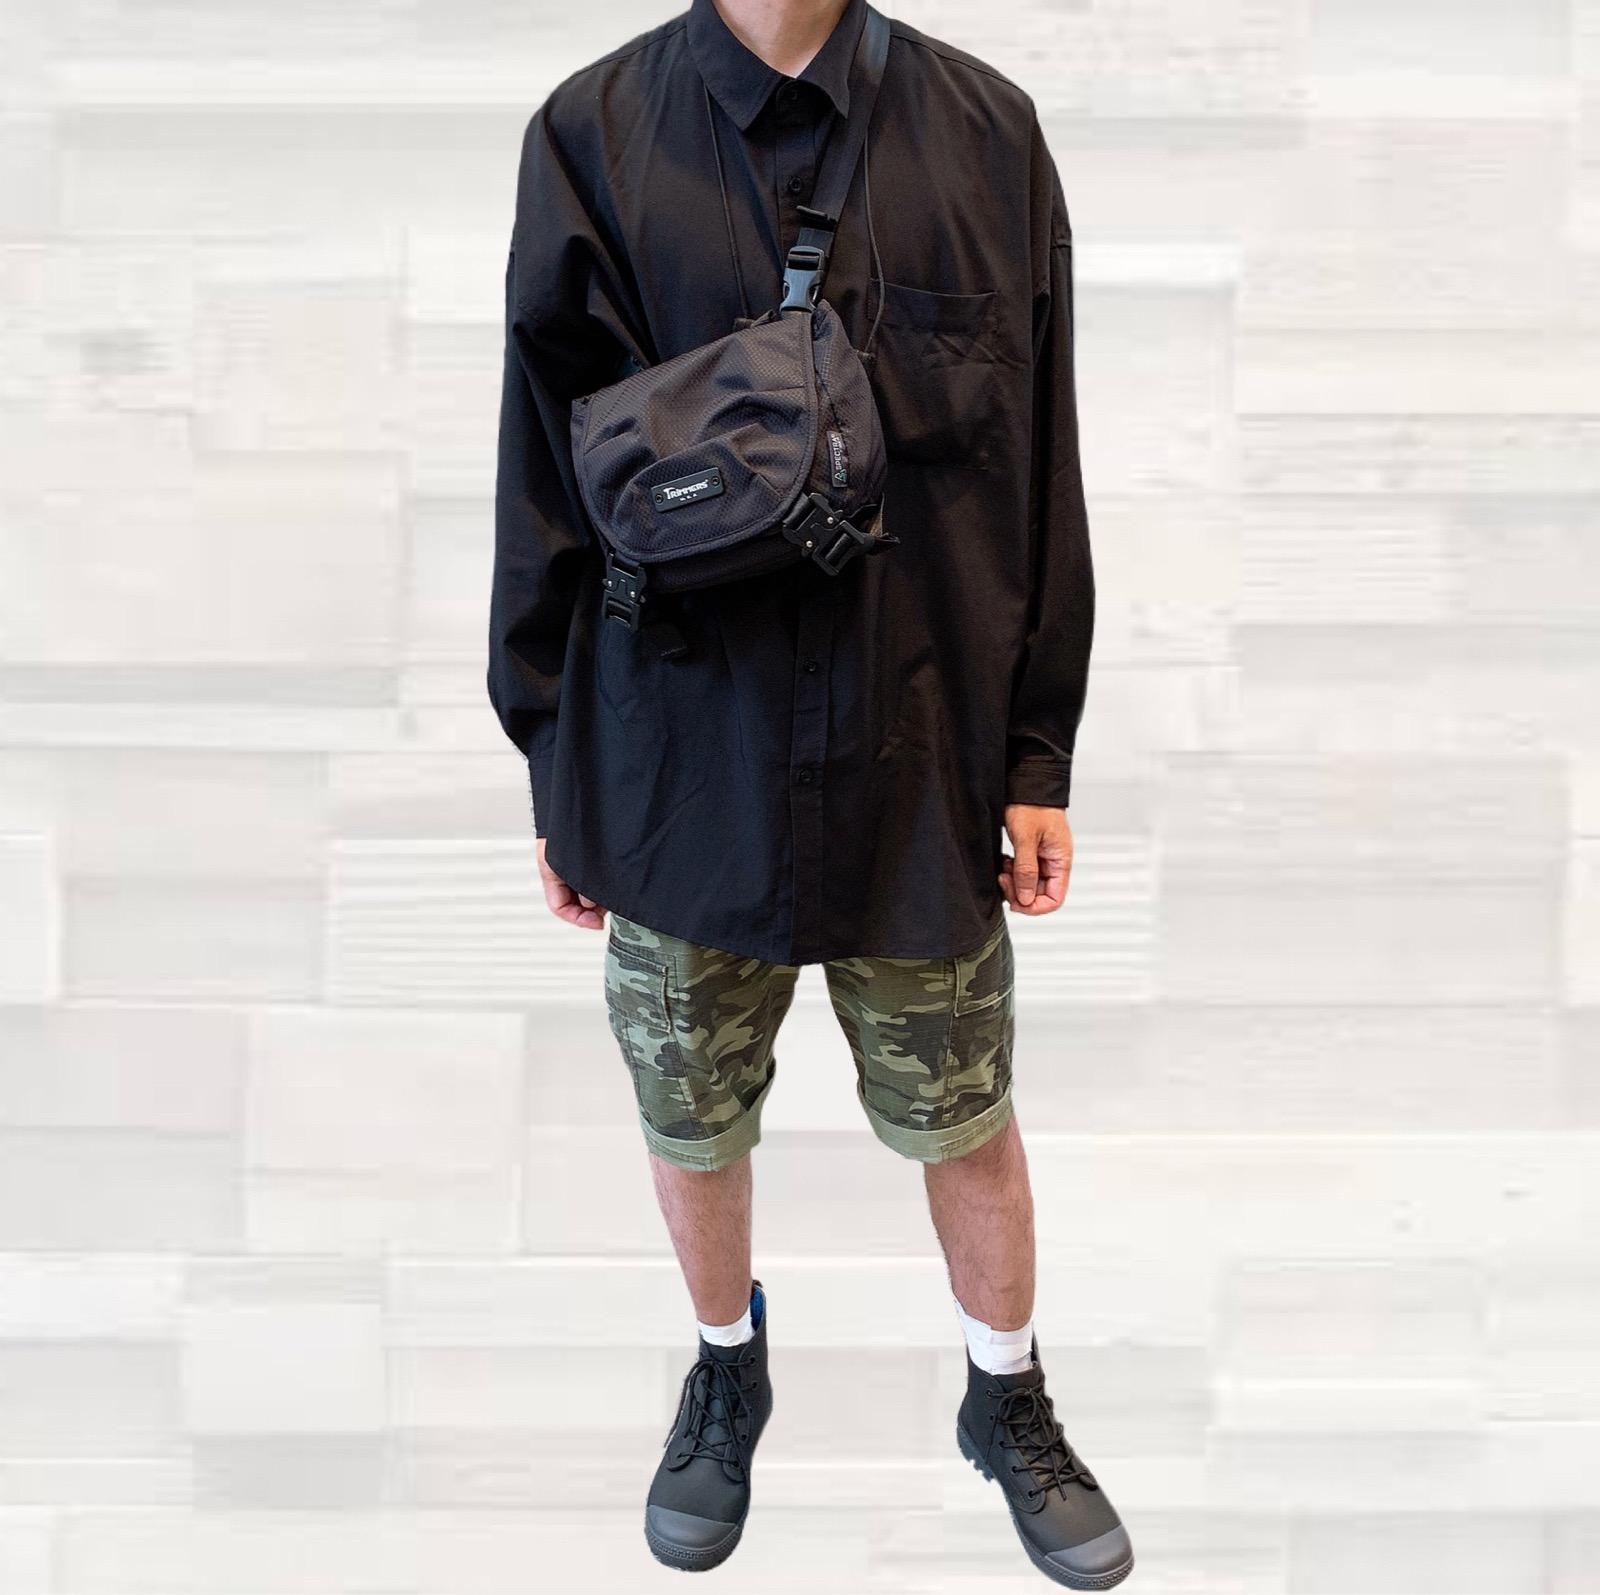 トリマーズ TRiMMERS ショルダーバッグ ななめ掛け ハンドバッグ 手持ち 丈夫 高品質 スペクトラ 軽量 撥水 旅行 カジュアル おしゃれ 防弾素材 黒